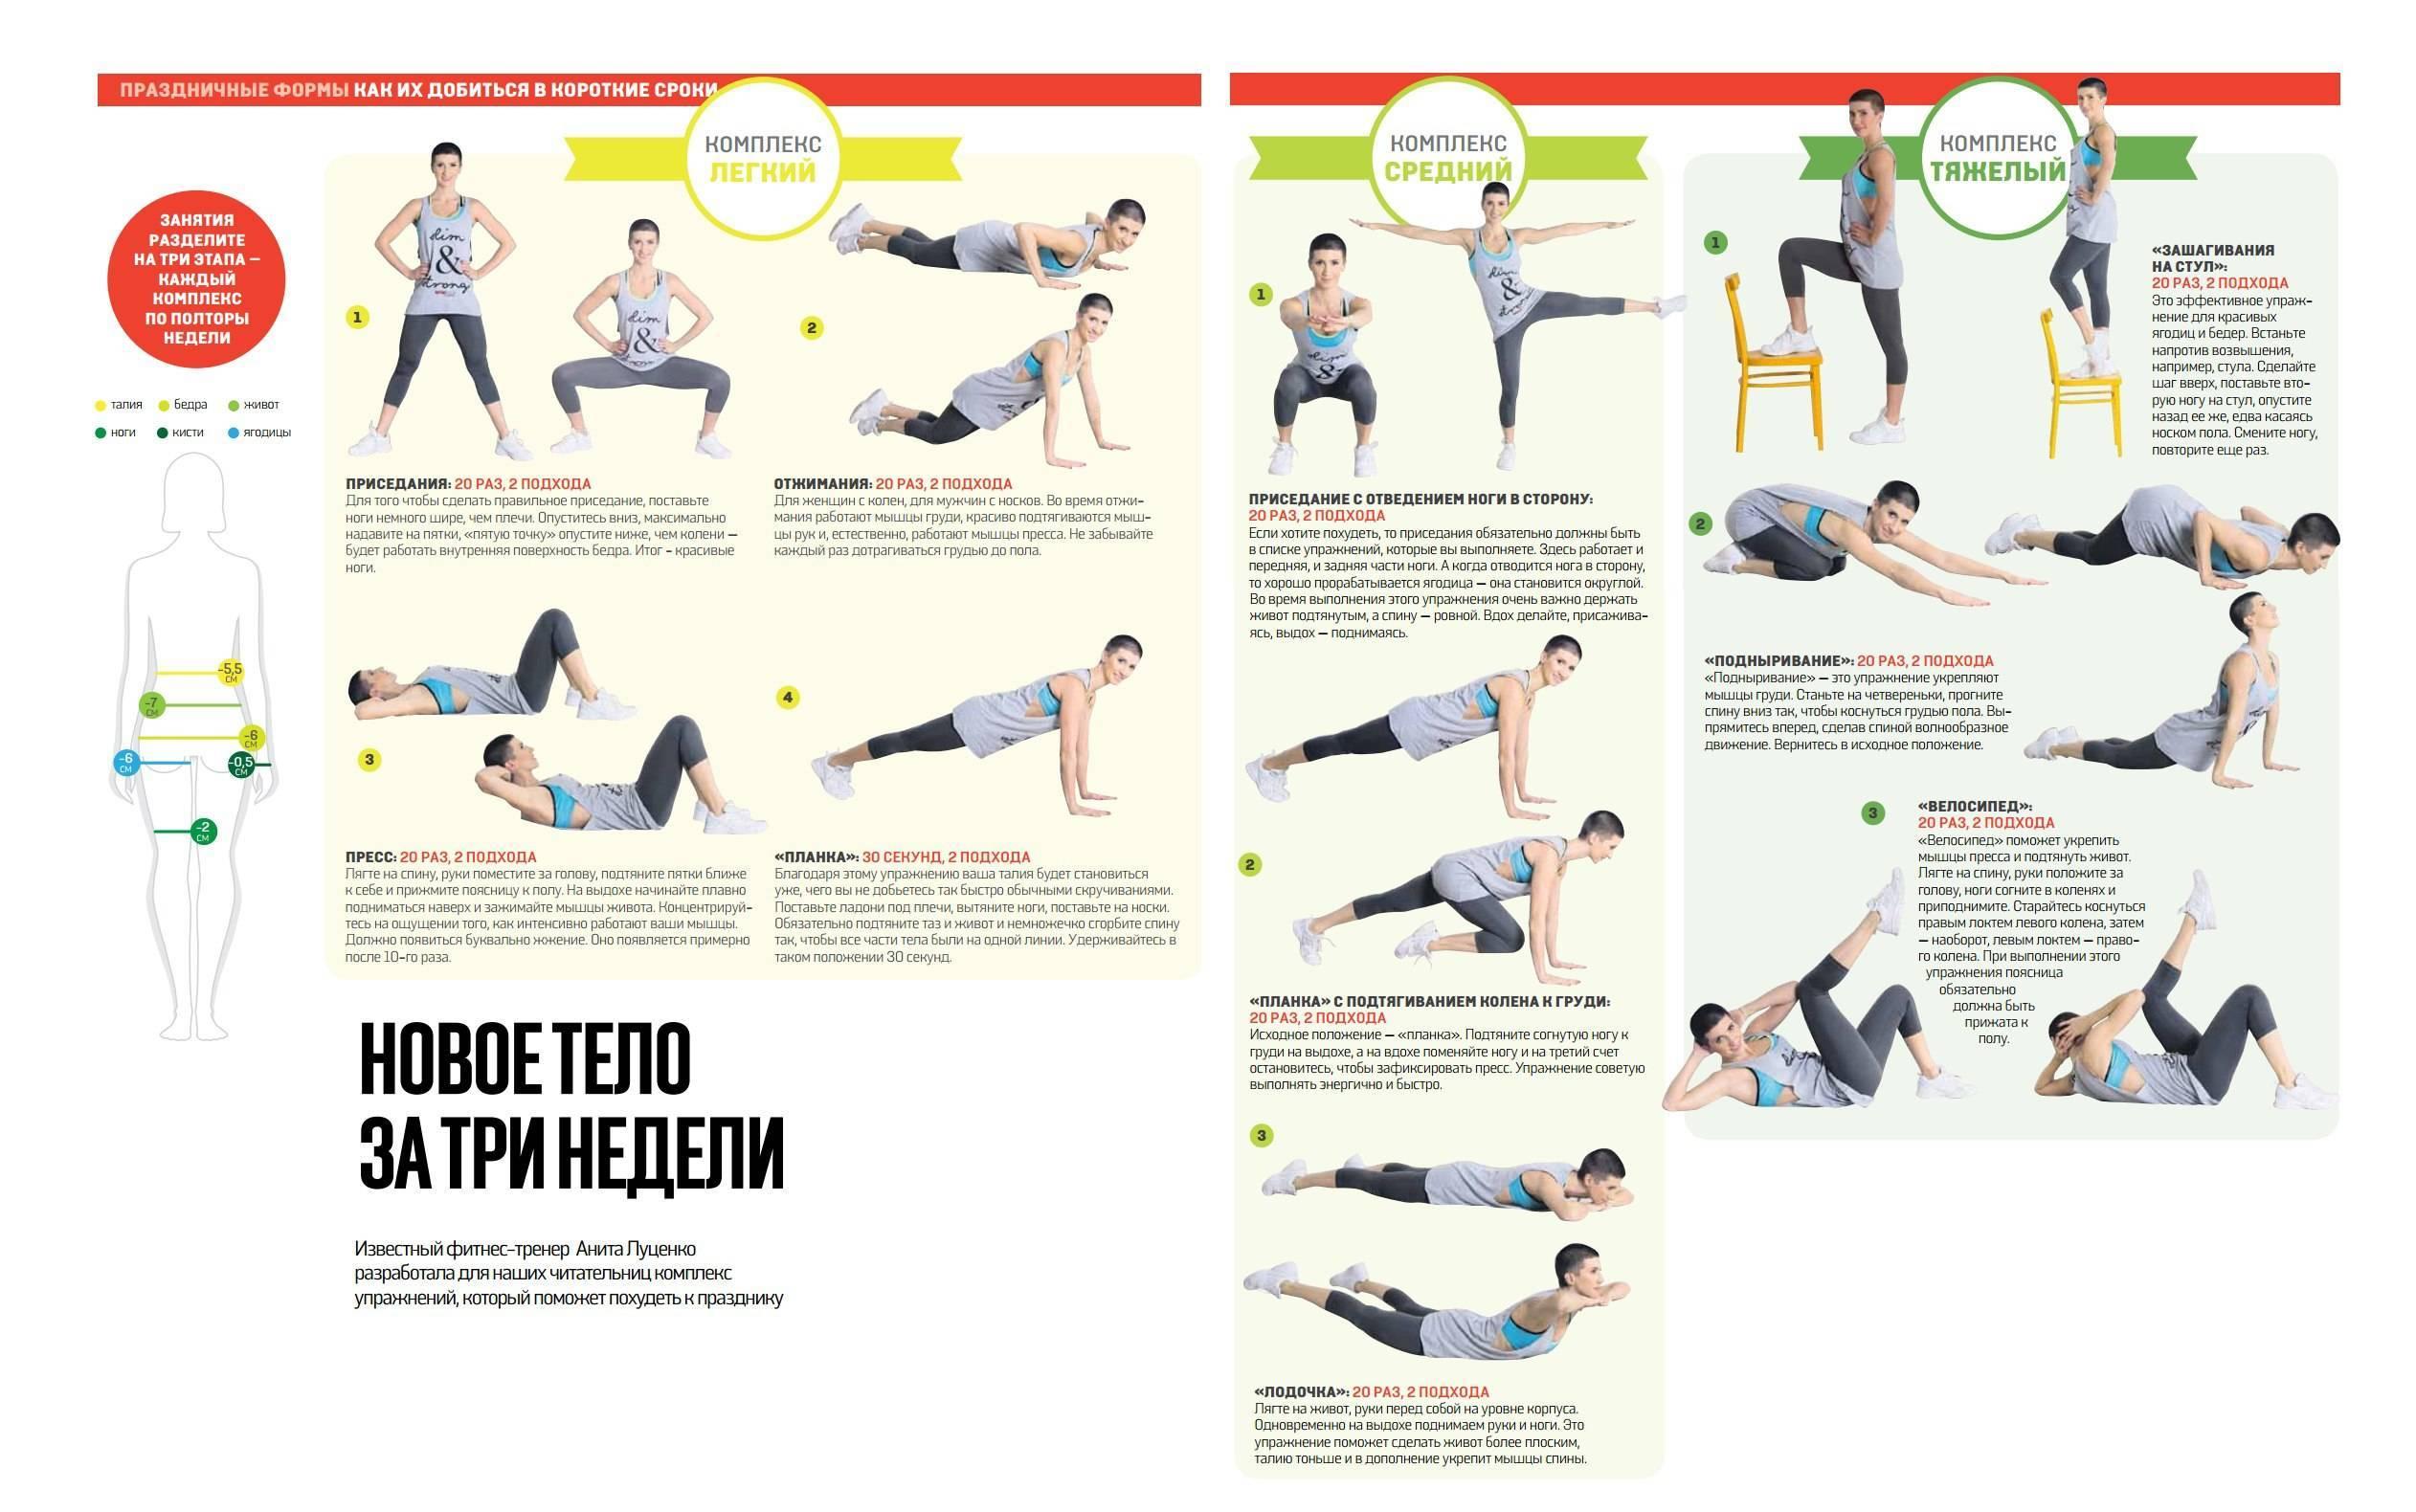 Как тренироваться, чтобы похудеть: самые эффективные упражнения. как похудеть в домашних условиях? - tony.ru